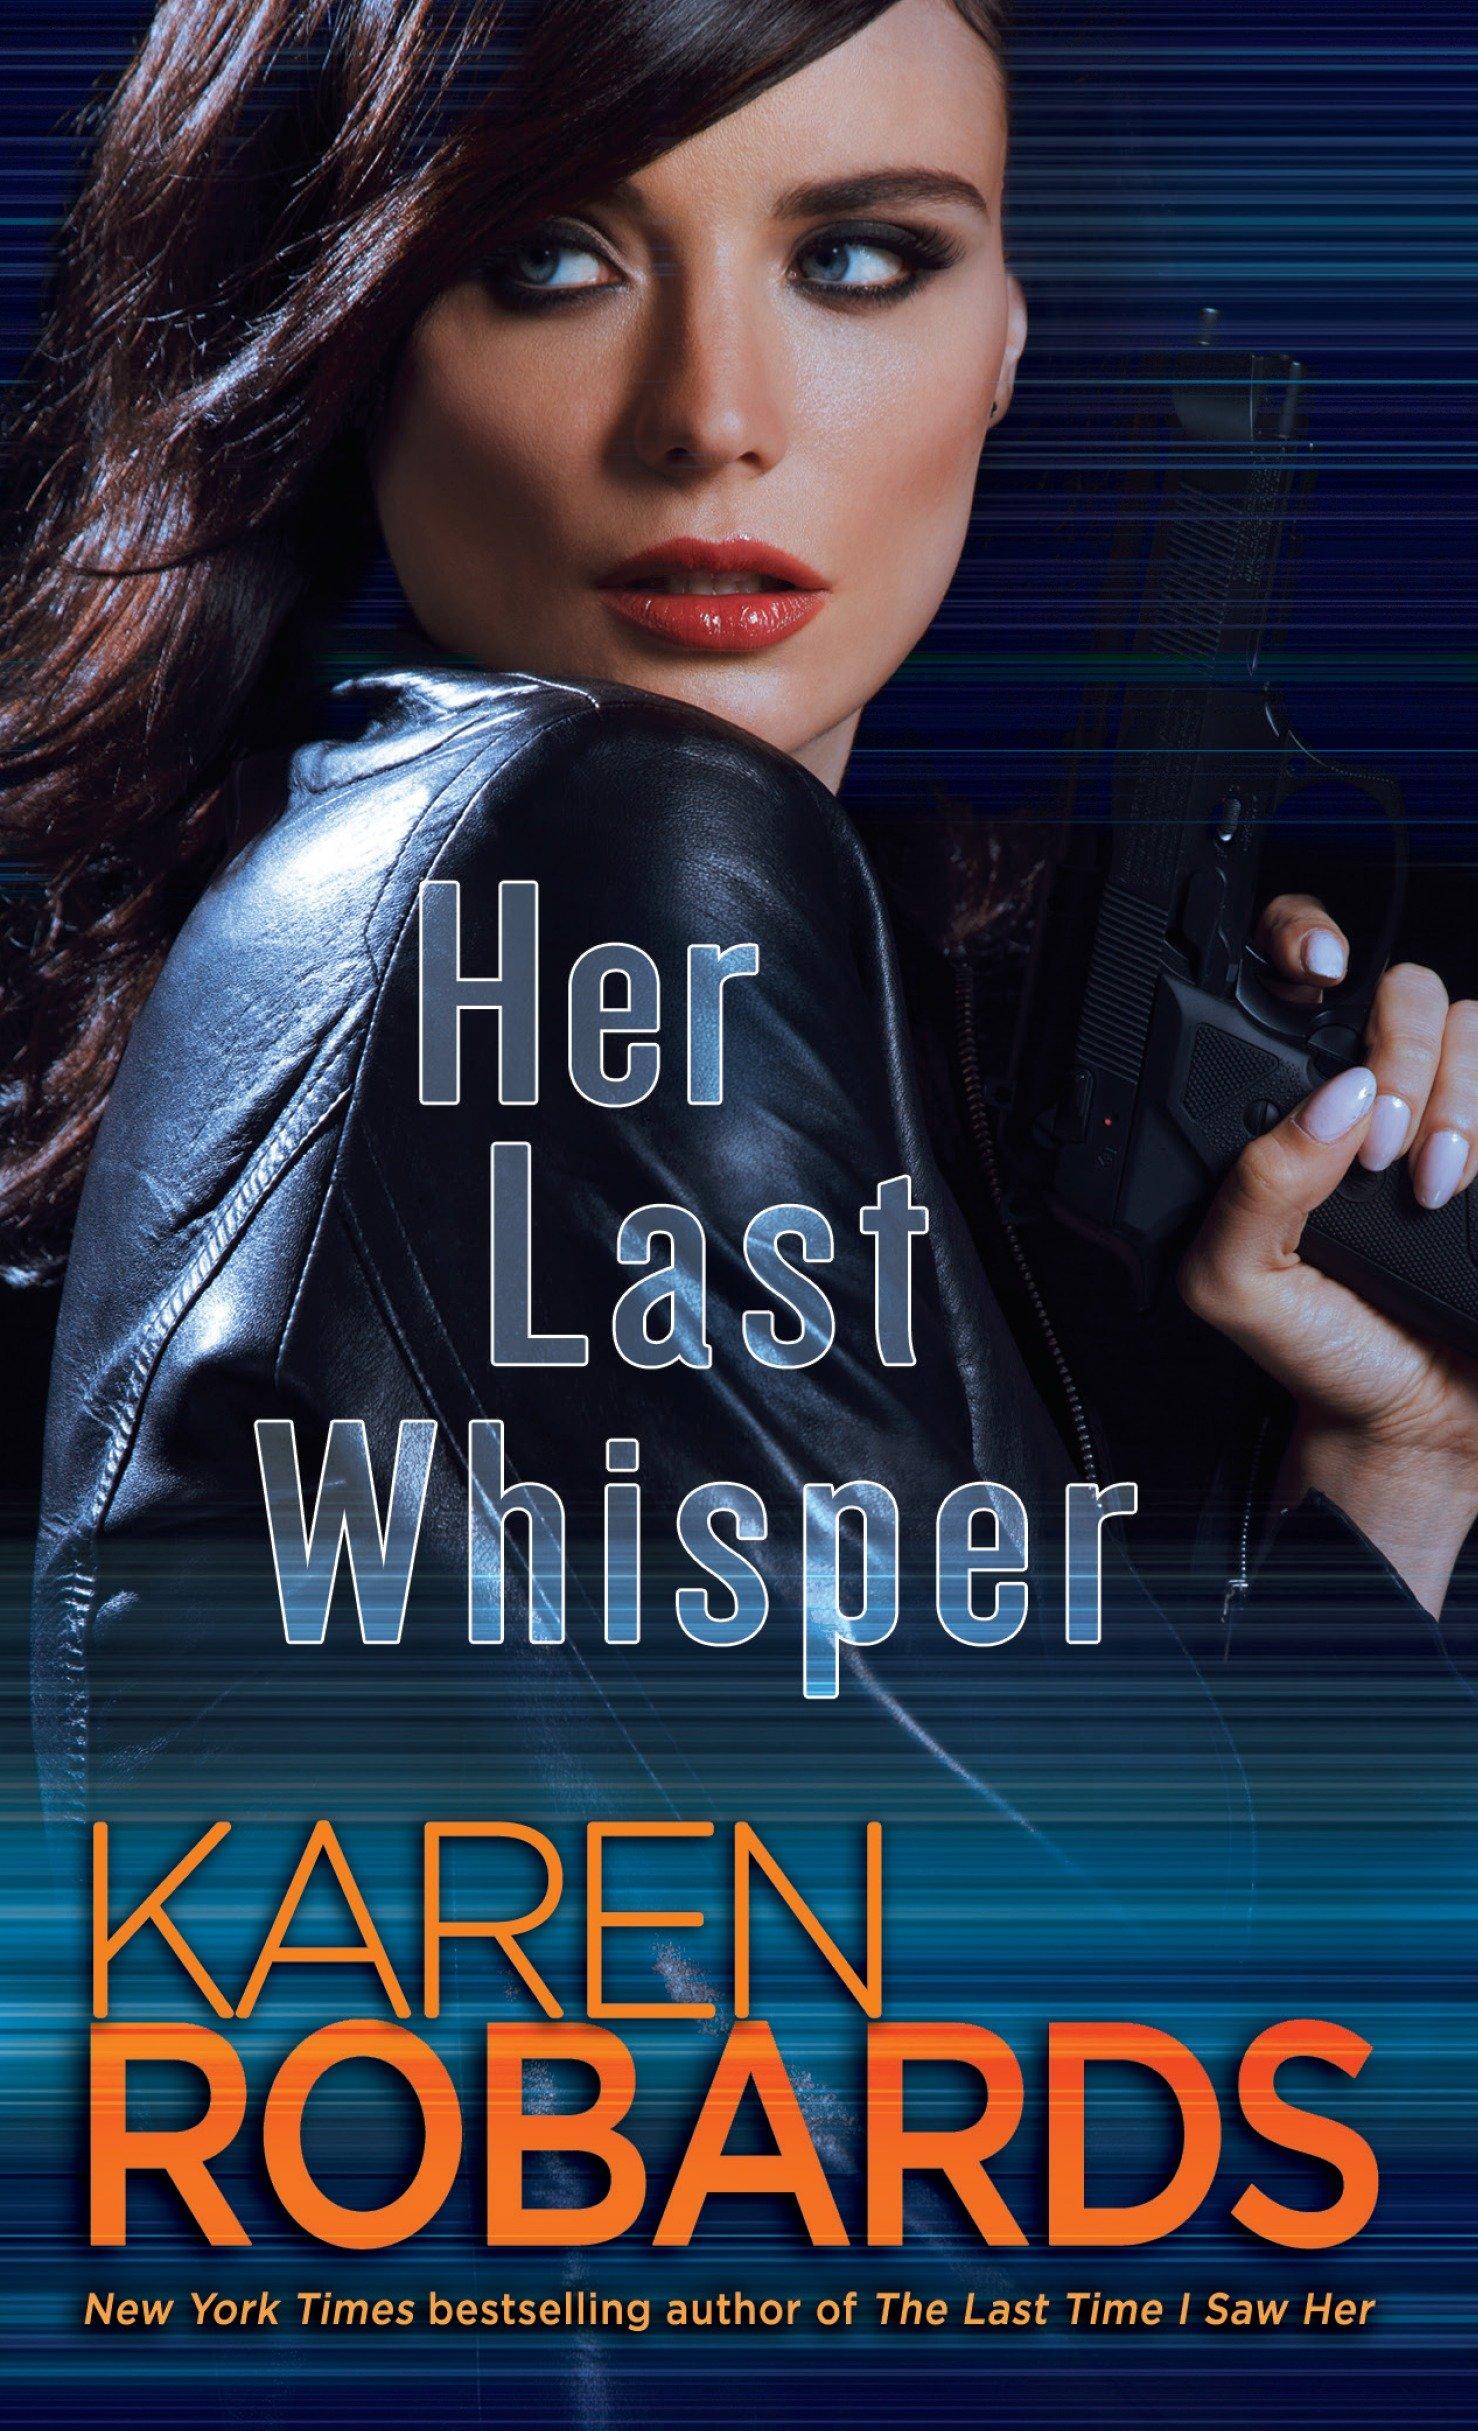 Her last whisper cover image